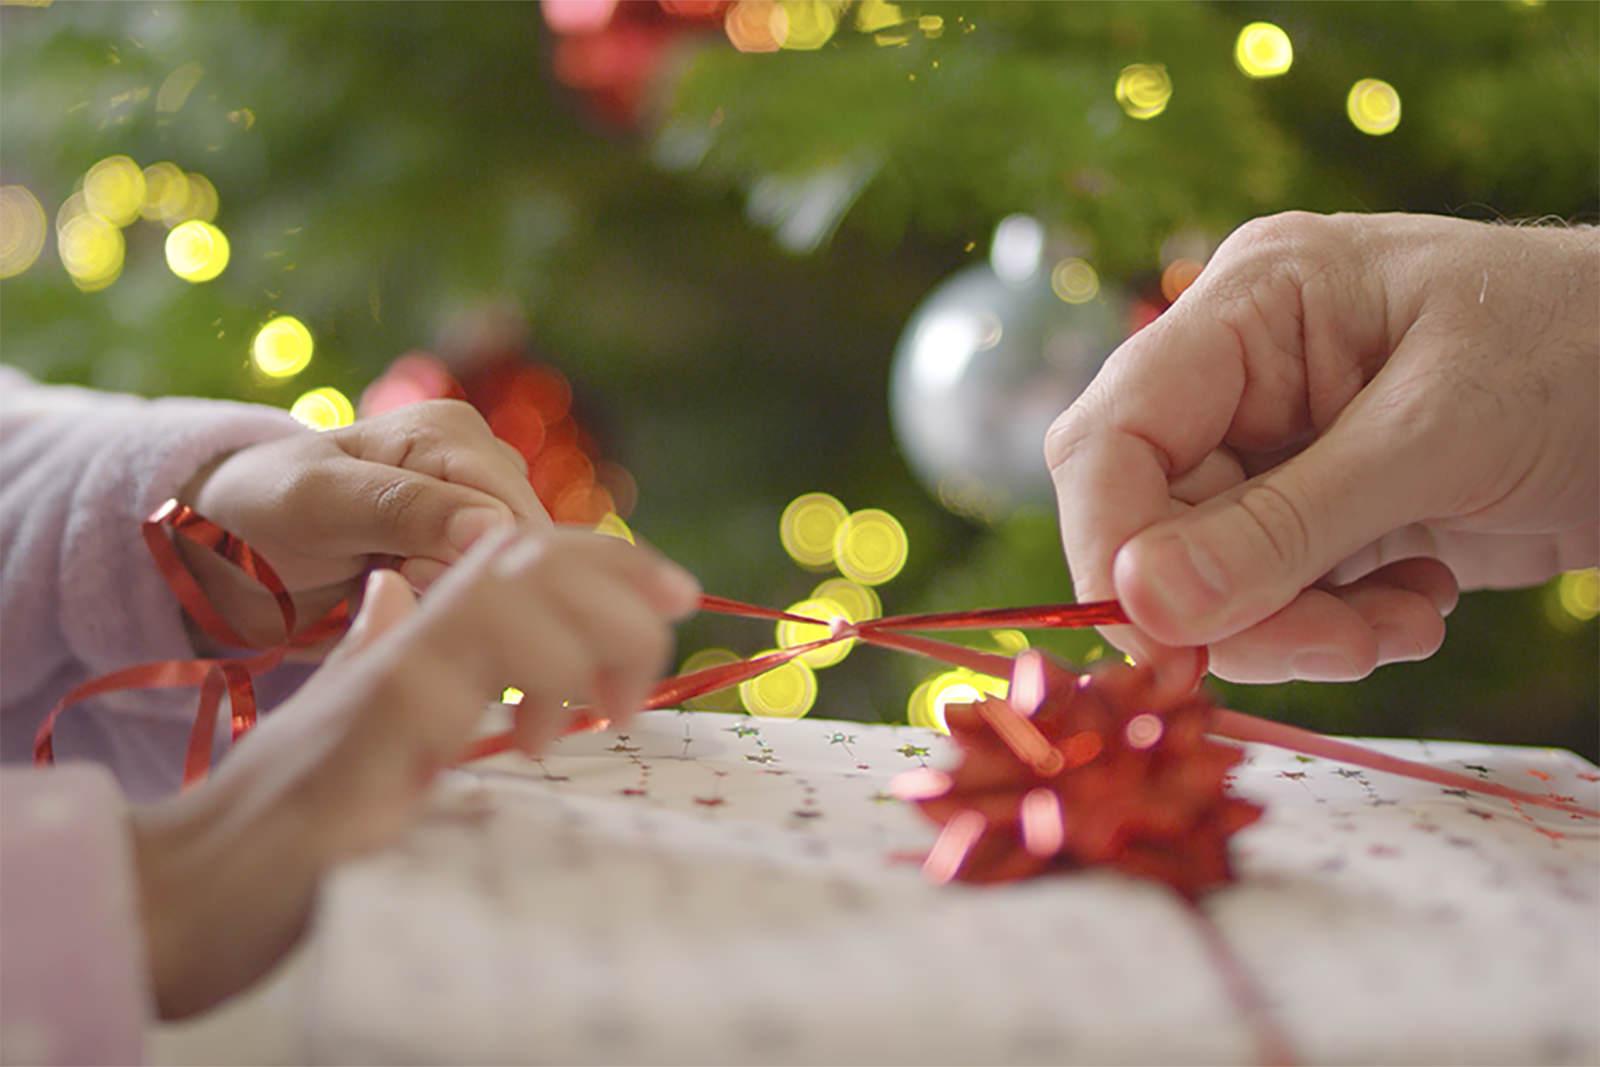 Hang up your Christmas Stock[ing]: Filming Christmas for Videvo